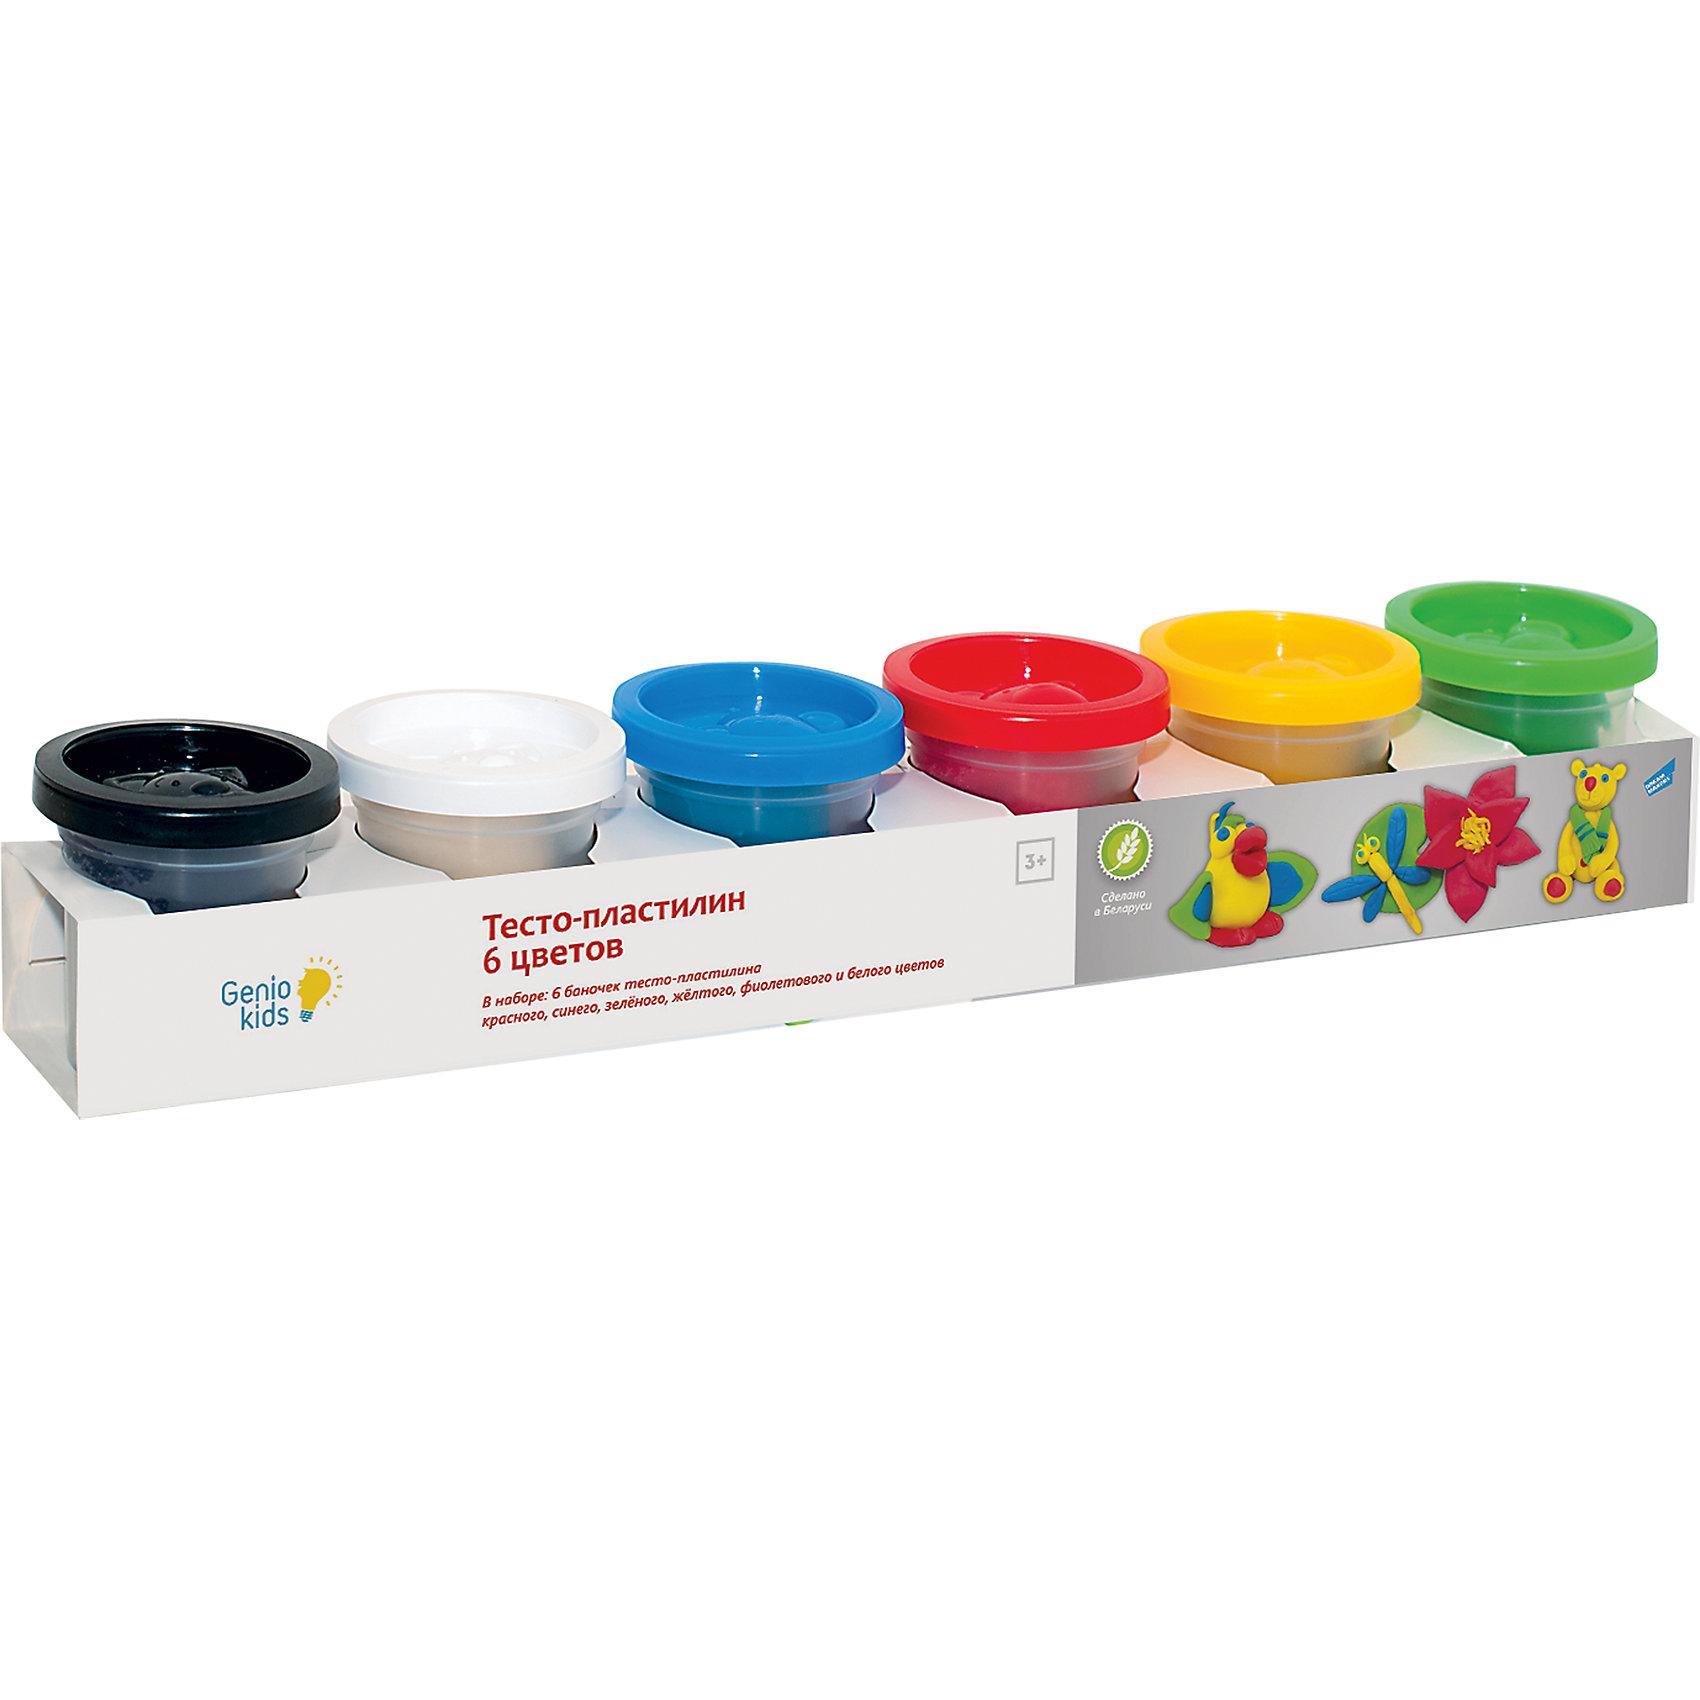 Тесто-пластилин, 6 цветовТесто-пластилин замечательно подойдет для детского творчества и превратит лепку в увлекательное занятие. Яркие разнообразные цвета открывают ребенку простор для творческих экспериментов и позволят создавать различные фигурки и поделки. Мягкий тесто- пластилин изготовлен из пшеничной муки и безвреден для детского здоровья, он обладает отличными пластичными свойствами, легко смывается и не оставляет грязи. Смешивая цвета Вы получите новые яркие оттенки. В комплекте 6 баночек тесто-пластилина разных цветов (синий, зеленый, красный, желтый, белый, тёмно-фиолетовый). На крышках баночек имеются штампы с забавными зверюшками. Занятия лепкой развивают у ребенка фантазию, творческие способности и объемное воображение, тренируют координацию движений и мелкую моторику.<br><br>Дополнительная информация:<br><br>- В комплекте: 6 цветов (50 гр.). <br>- Размер упаковки: 5,5 х 33 х 5,5 см.<br>- Вес: 0,31 кг.<br><br>Тесто-пластилин, 6 цветов, Genio Kids, можно купить в нашем интернет-магазине.<br><br>Ширина мм: 55<br>Глубина мм: 330<br>Высота мм: 55<br>Вес г: 310<br>Возраст от месяцев: 36<br>Возраст до месяцев: 120<br>Пол: Унисекс<br>Возраст: Детский<br>SKU: 4376676